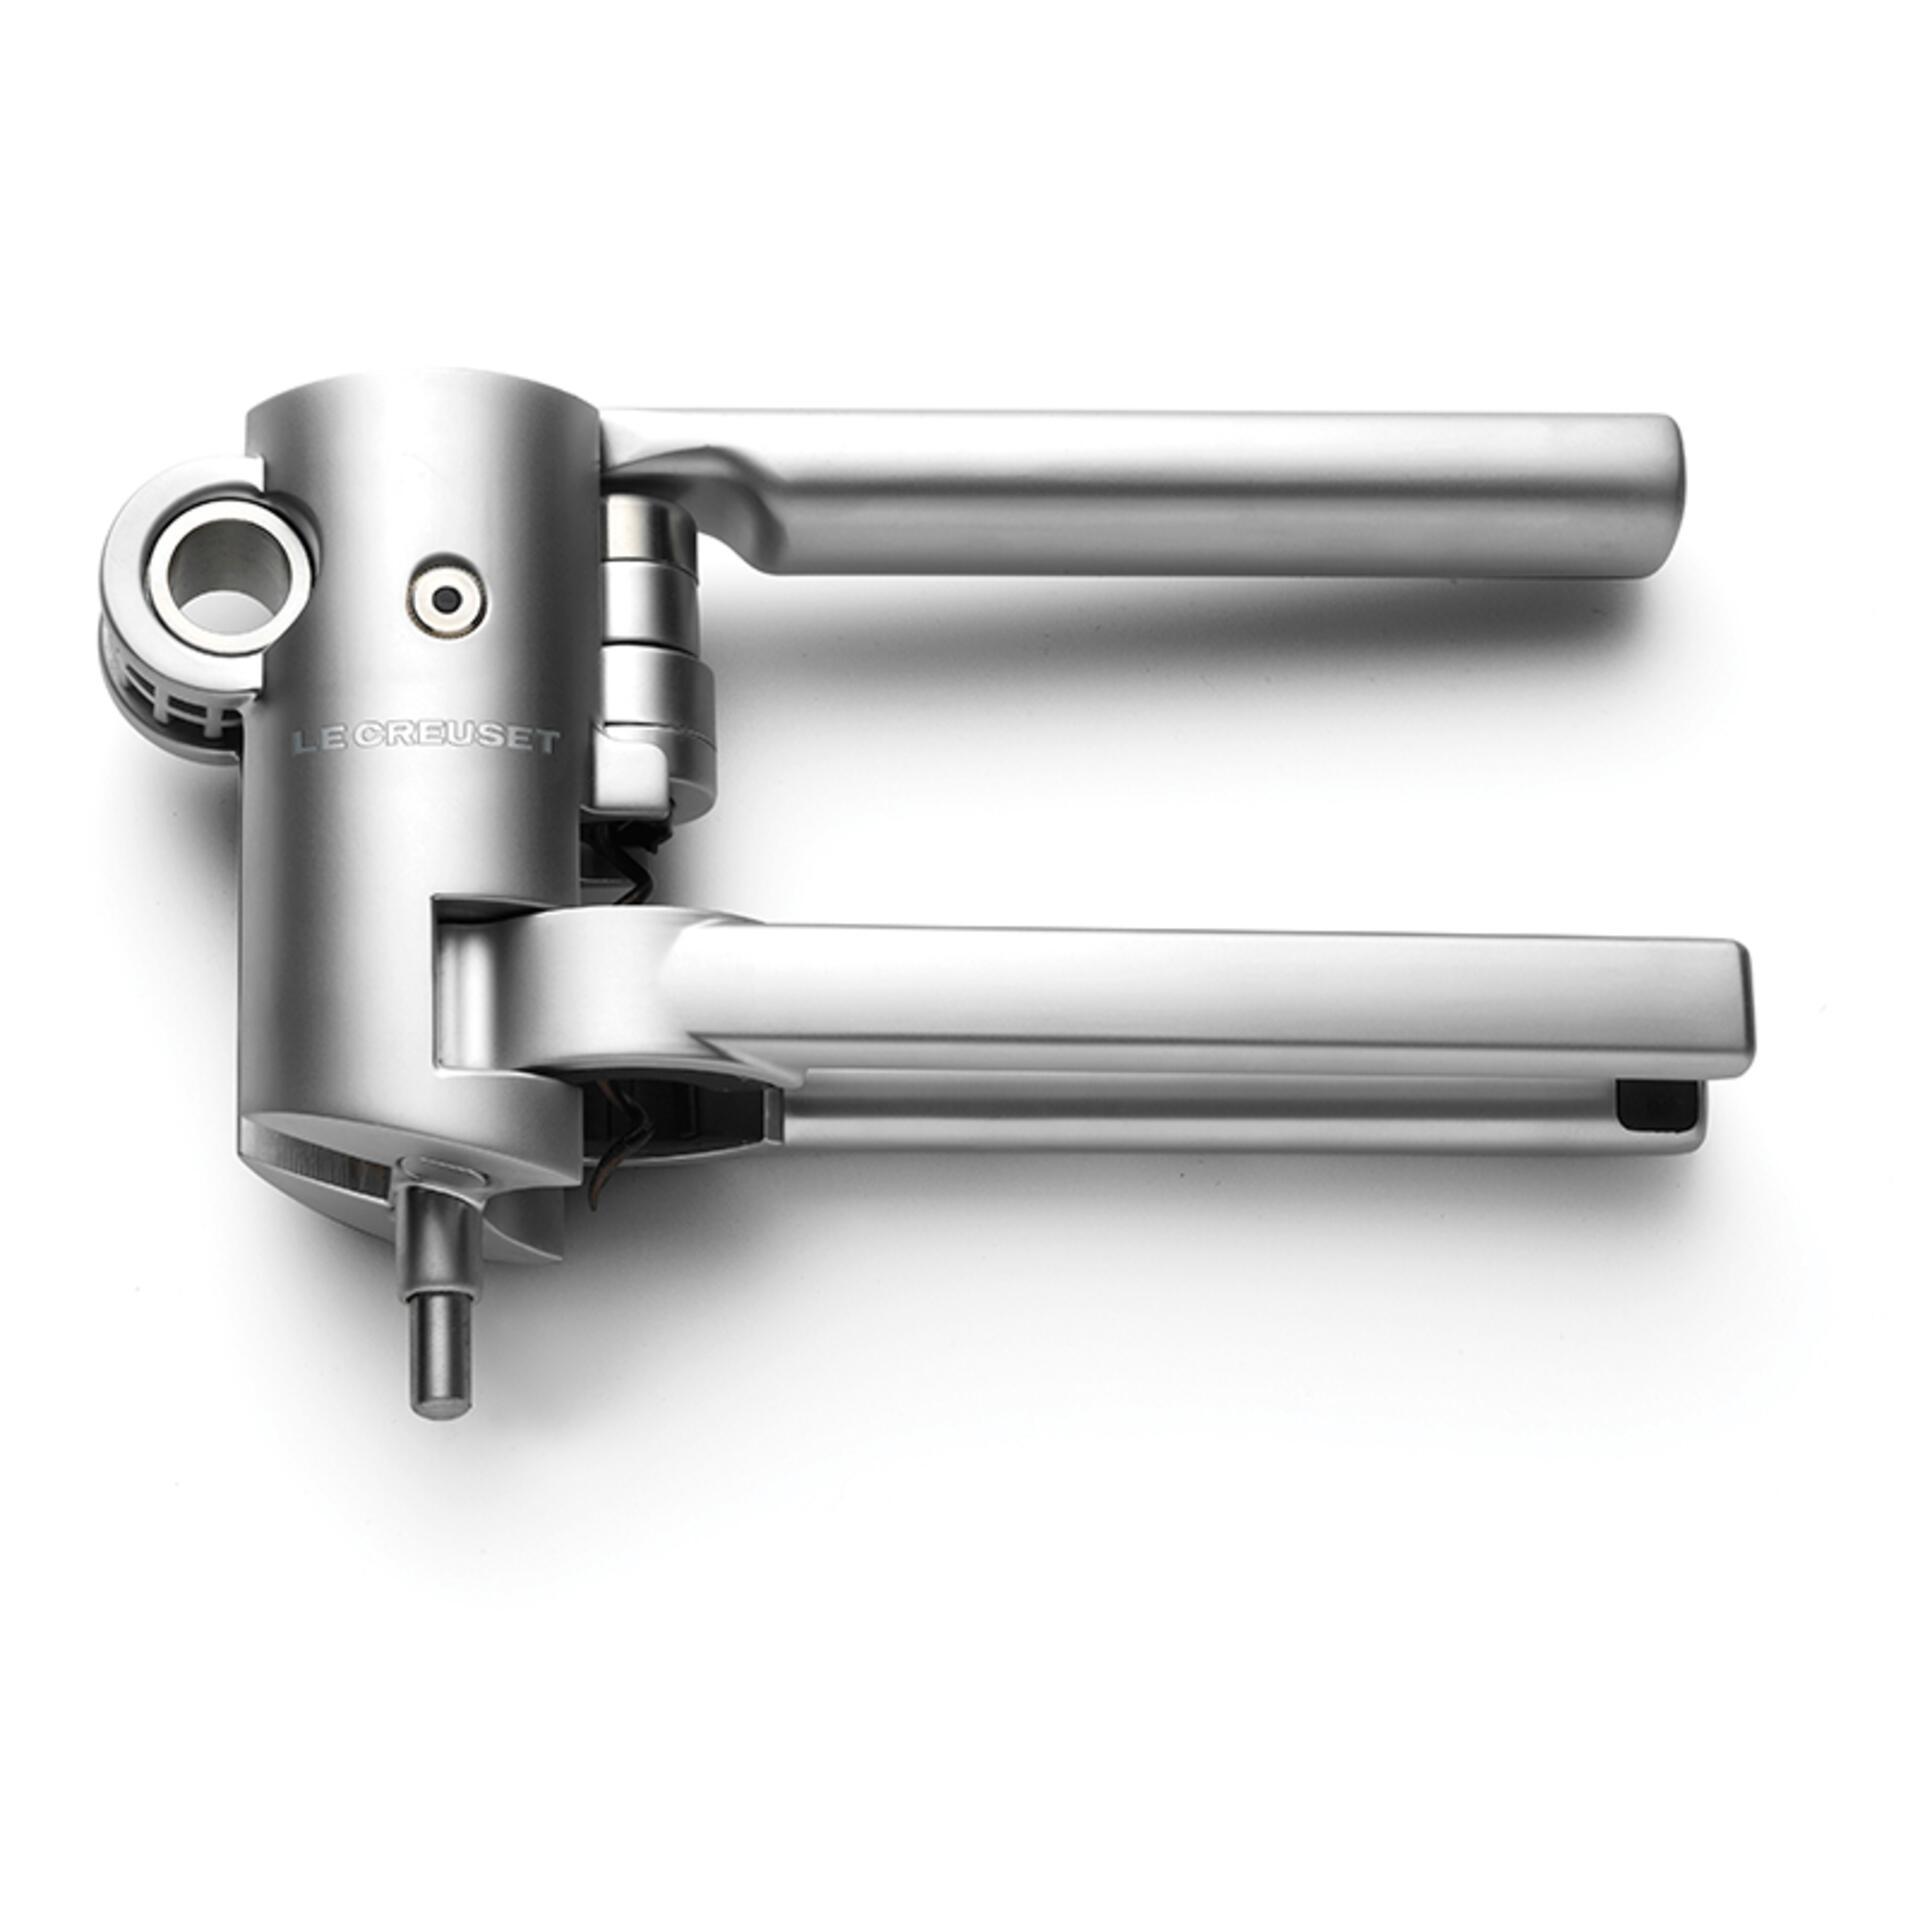 Le Creuset Leverpull Korkenzieher LM-G10-Geo Metal